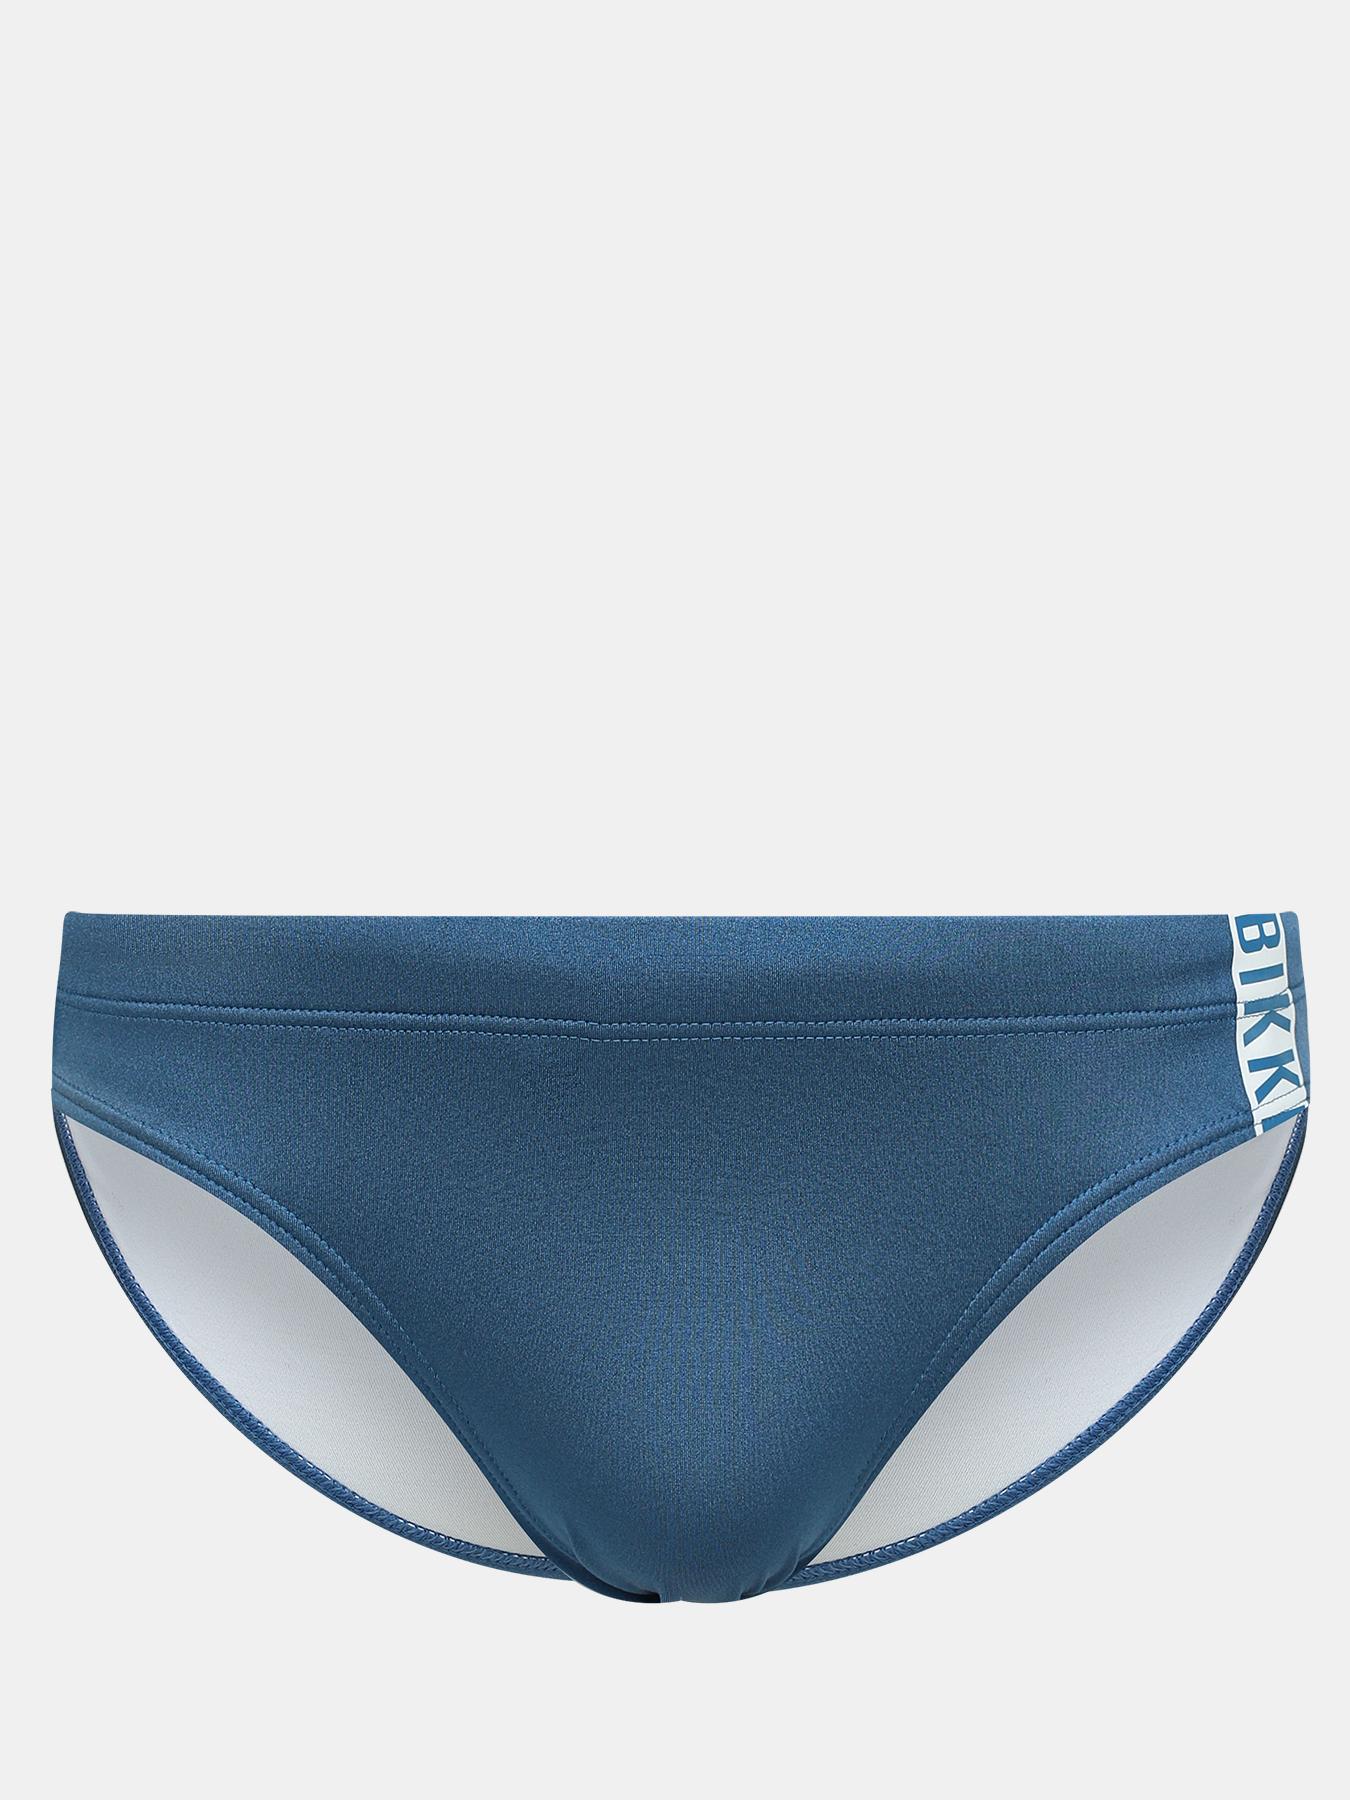 Фото - Плавательные шорты Bikkembergs Плавки плавки